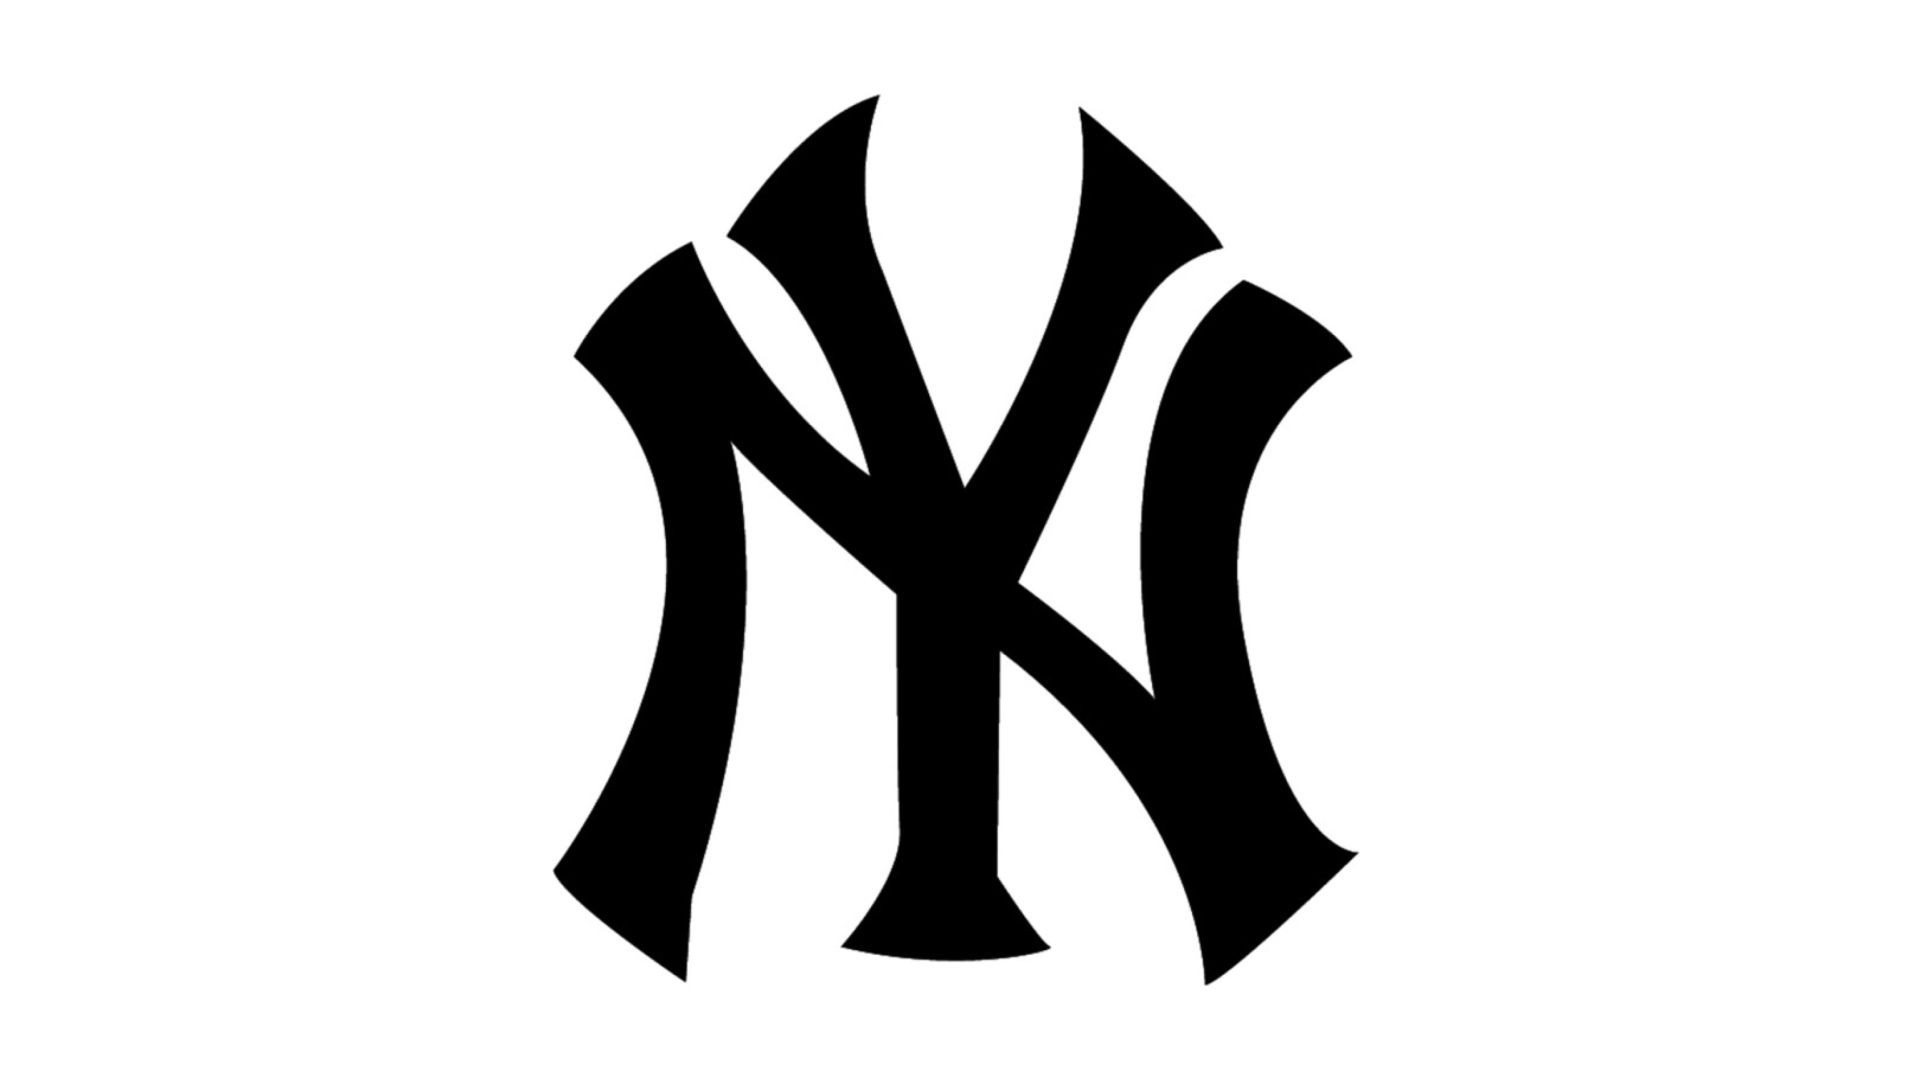 New York Yankees full hd image